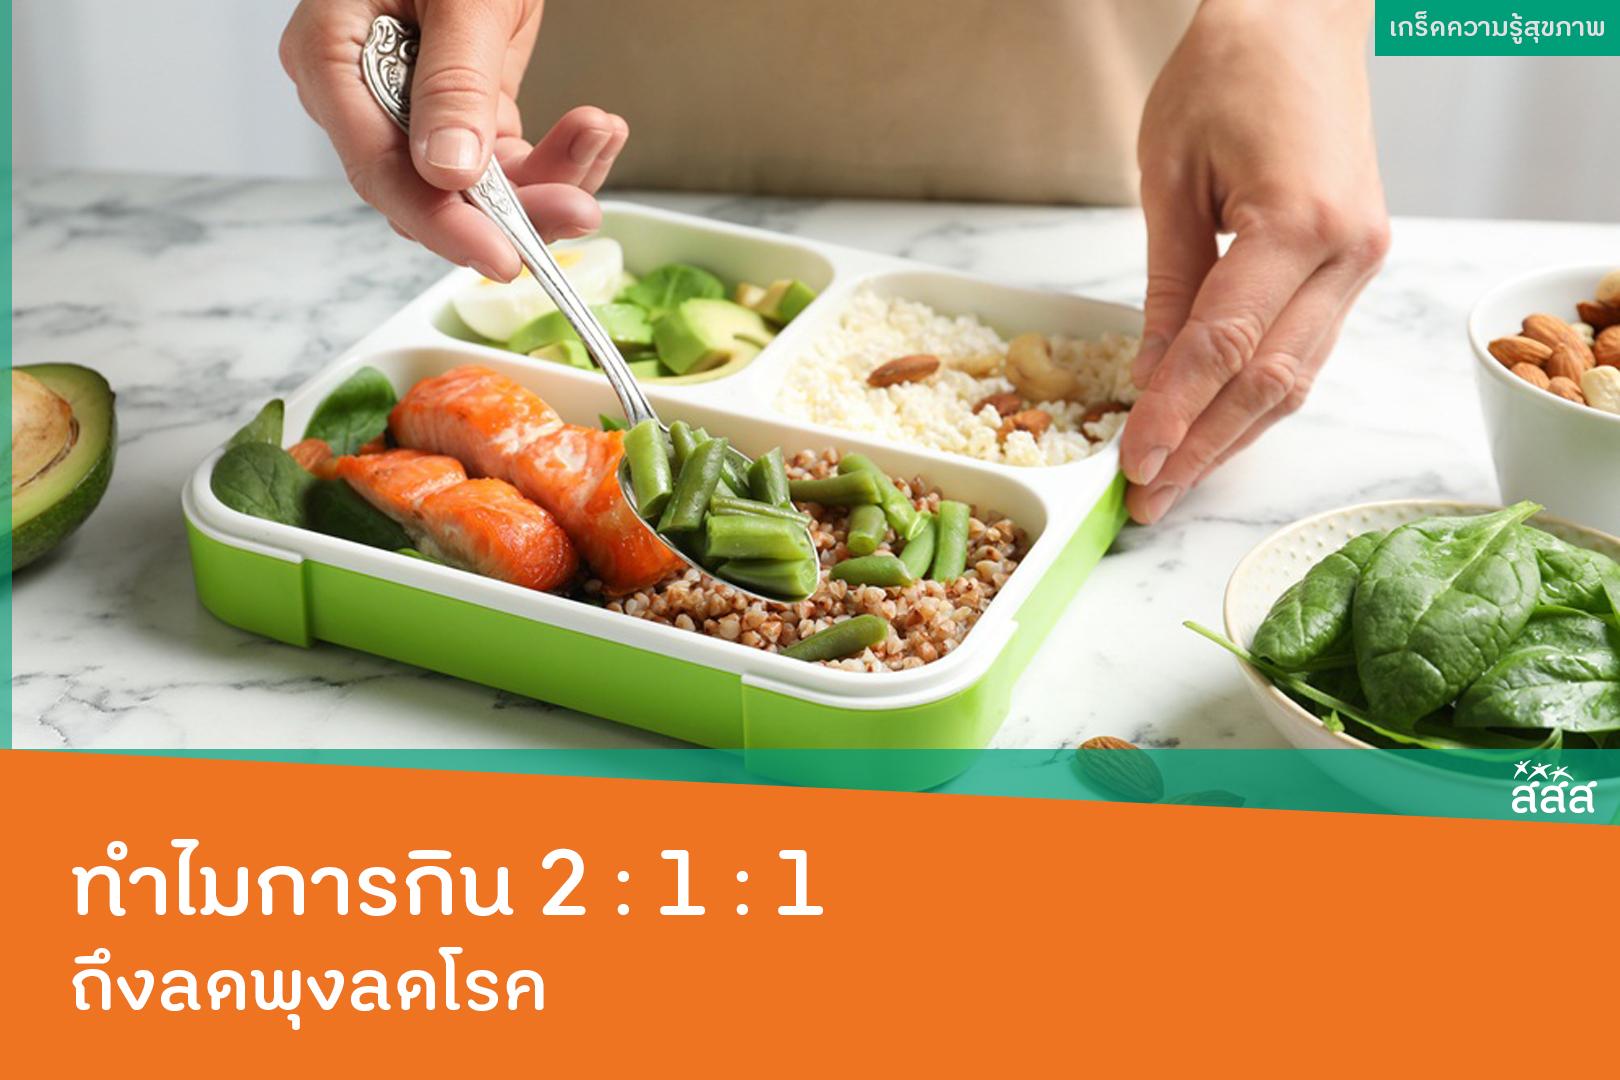 ทำไมการกิน 2 : 1 : 1 ถึงลดพุงลดโรค thaihealth